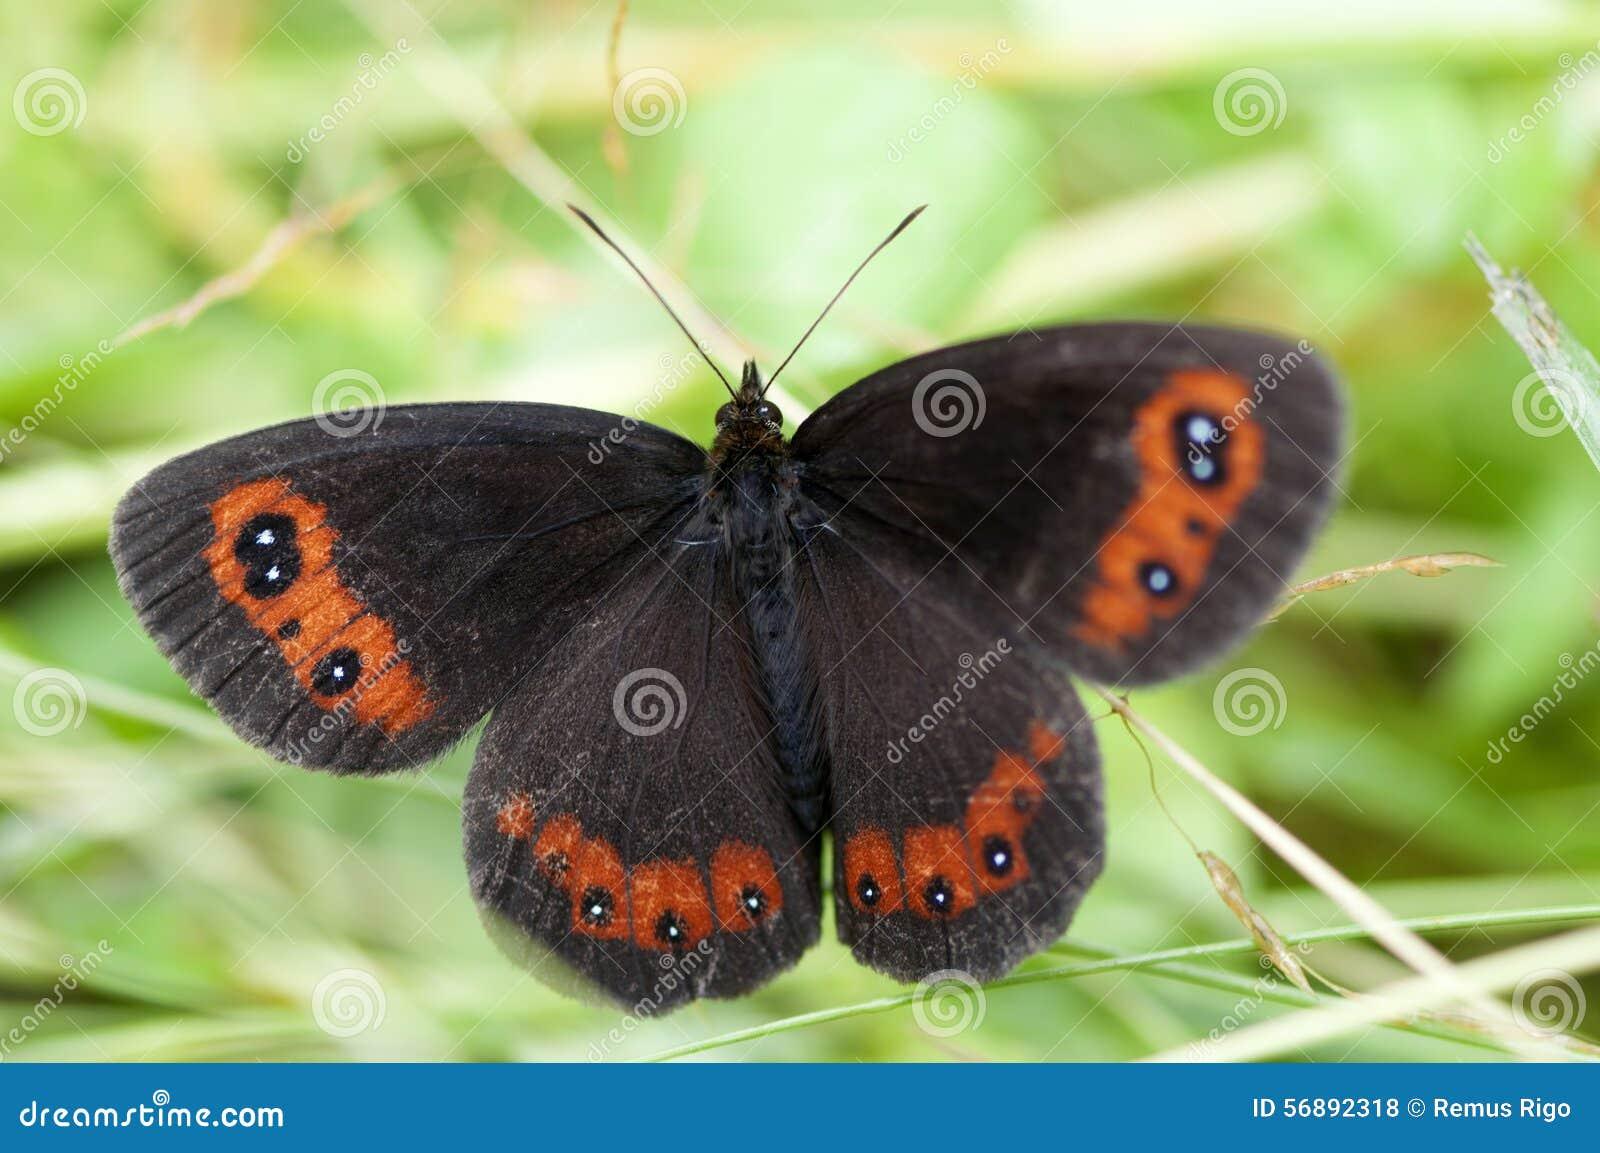 Farfalla del riccio del terreno boscoso